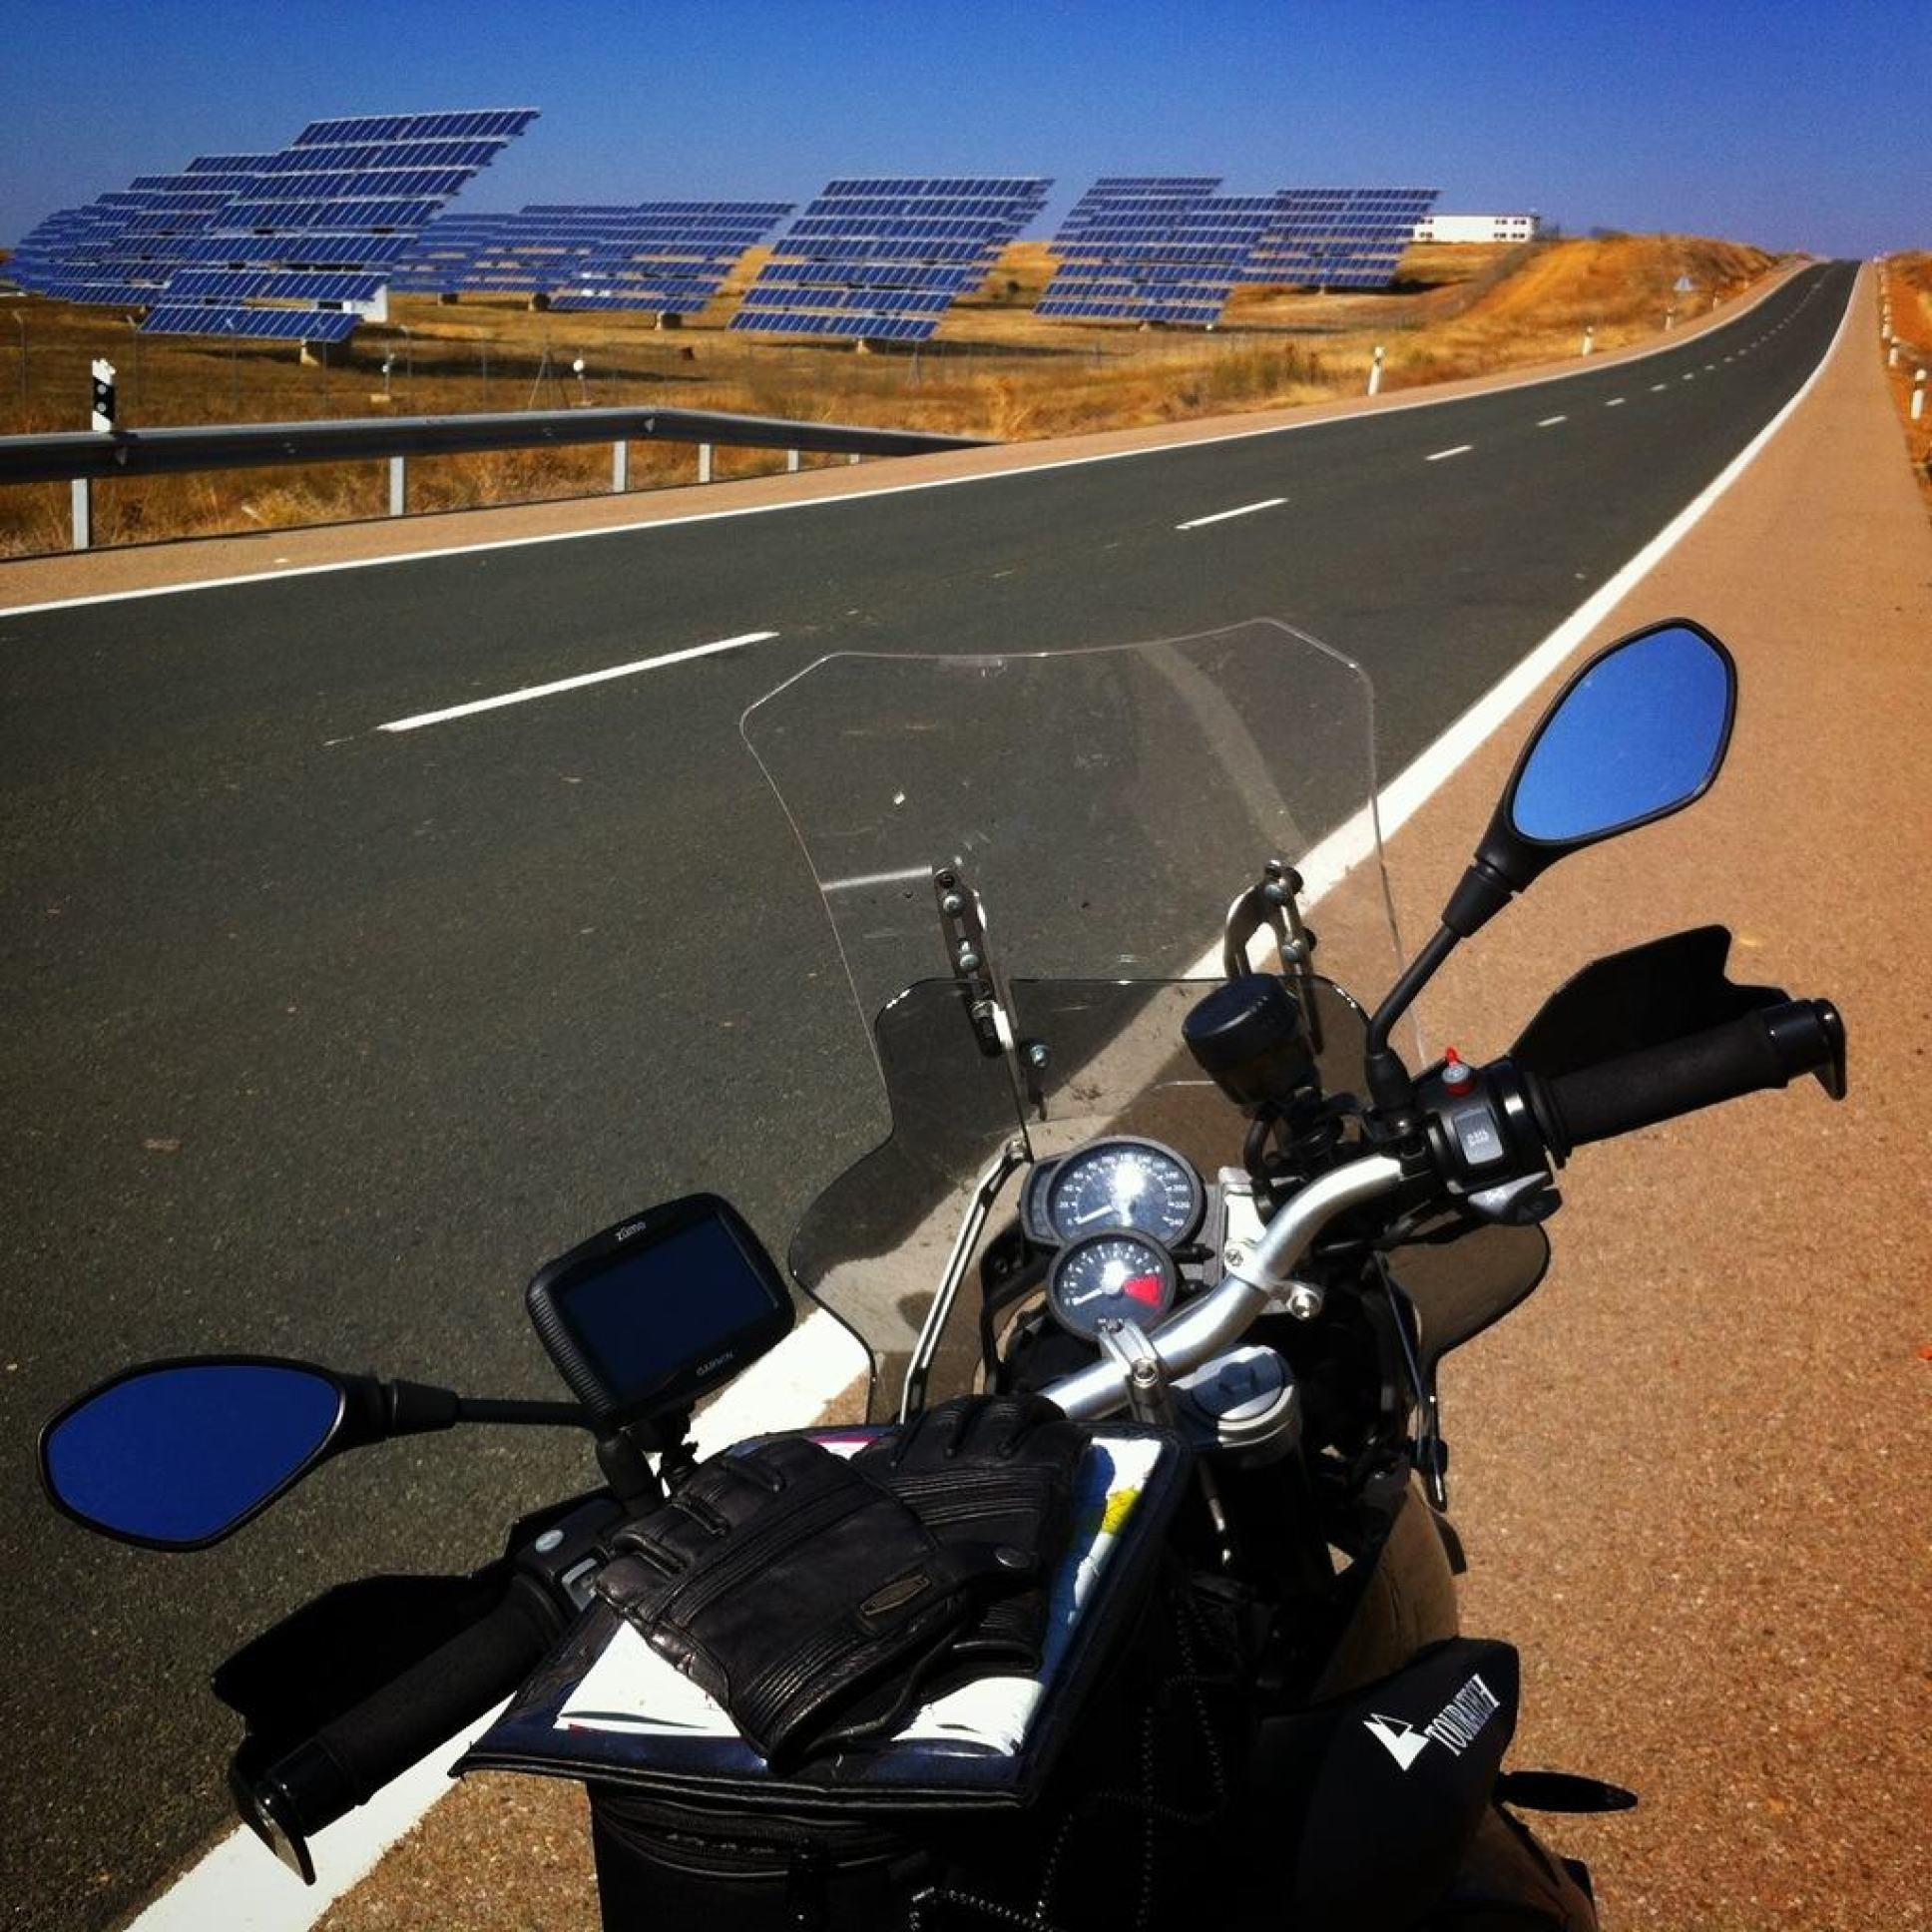 Dia 3. A caminho dos Picos da Europa, passando por Zamora, a paisagem é quase sempre plana, com muitos campos de cultivo de cereais e várias centrais fotovoltaicas.